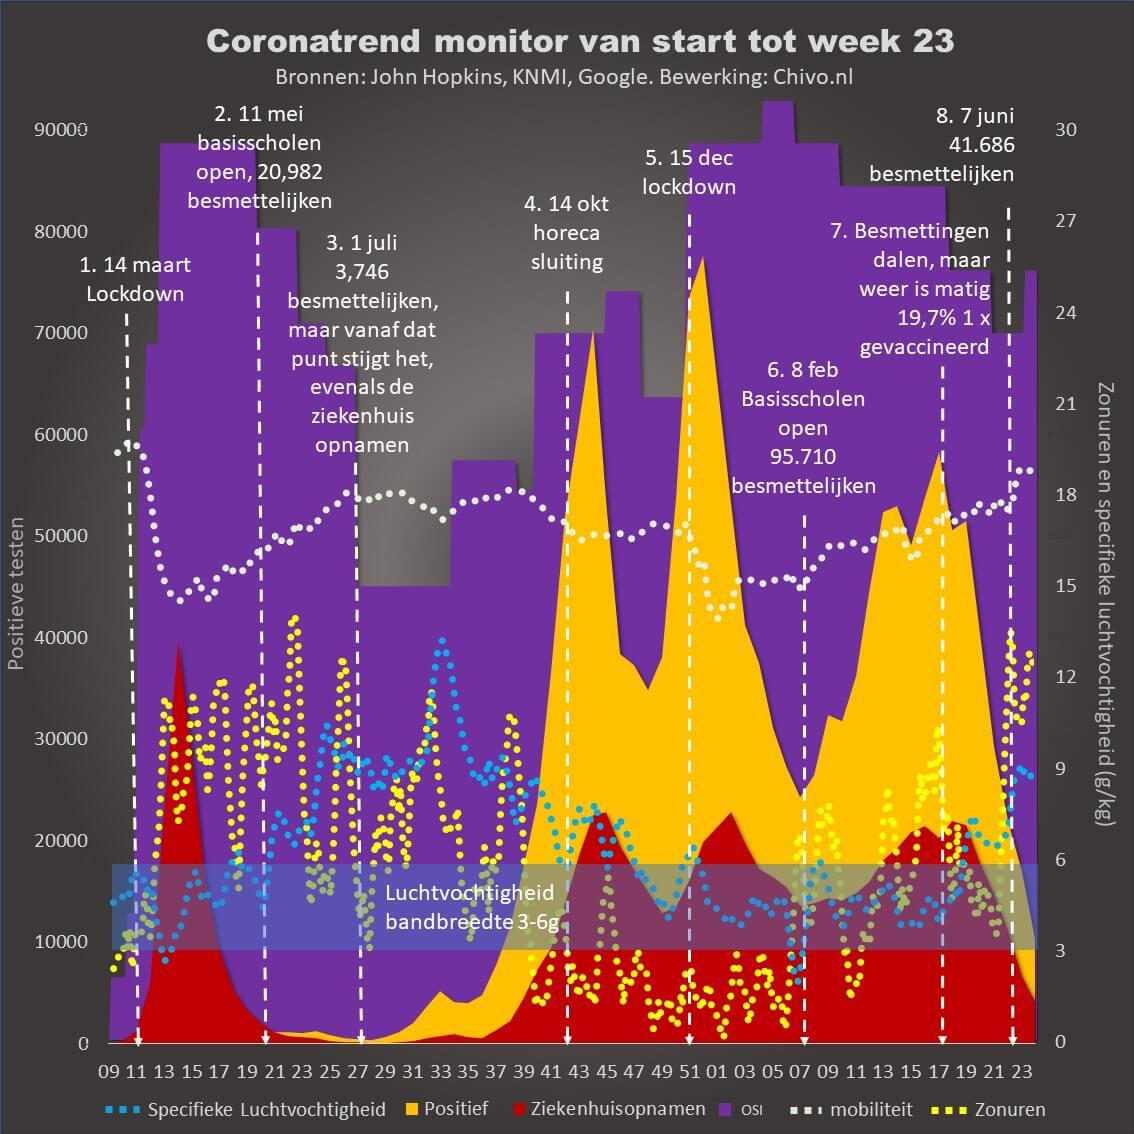 Coronatrend monitor start tot week 23 2021 Chivo